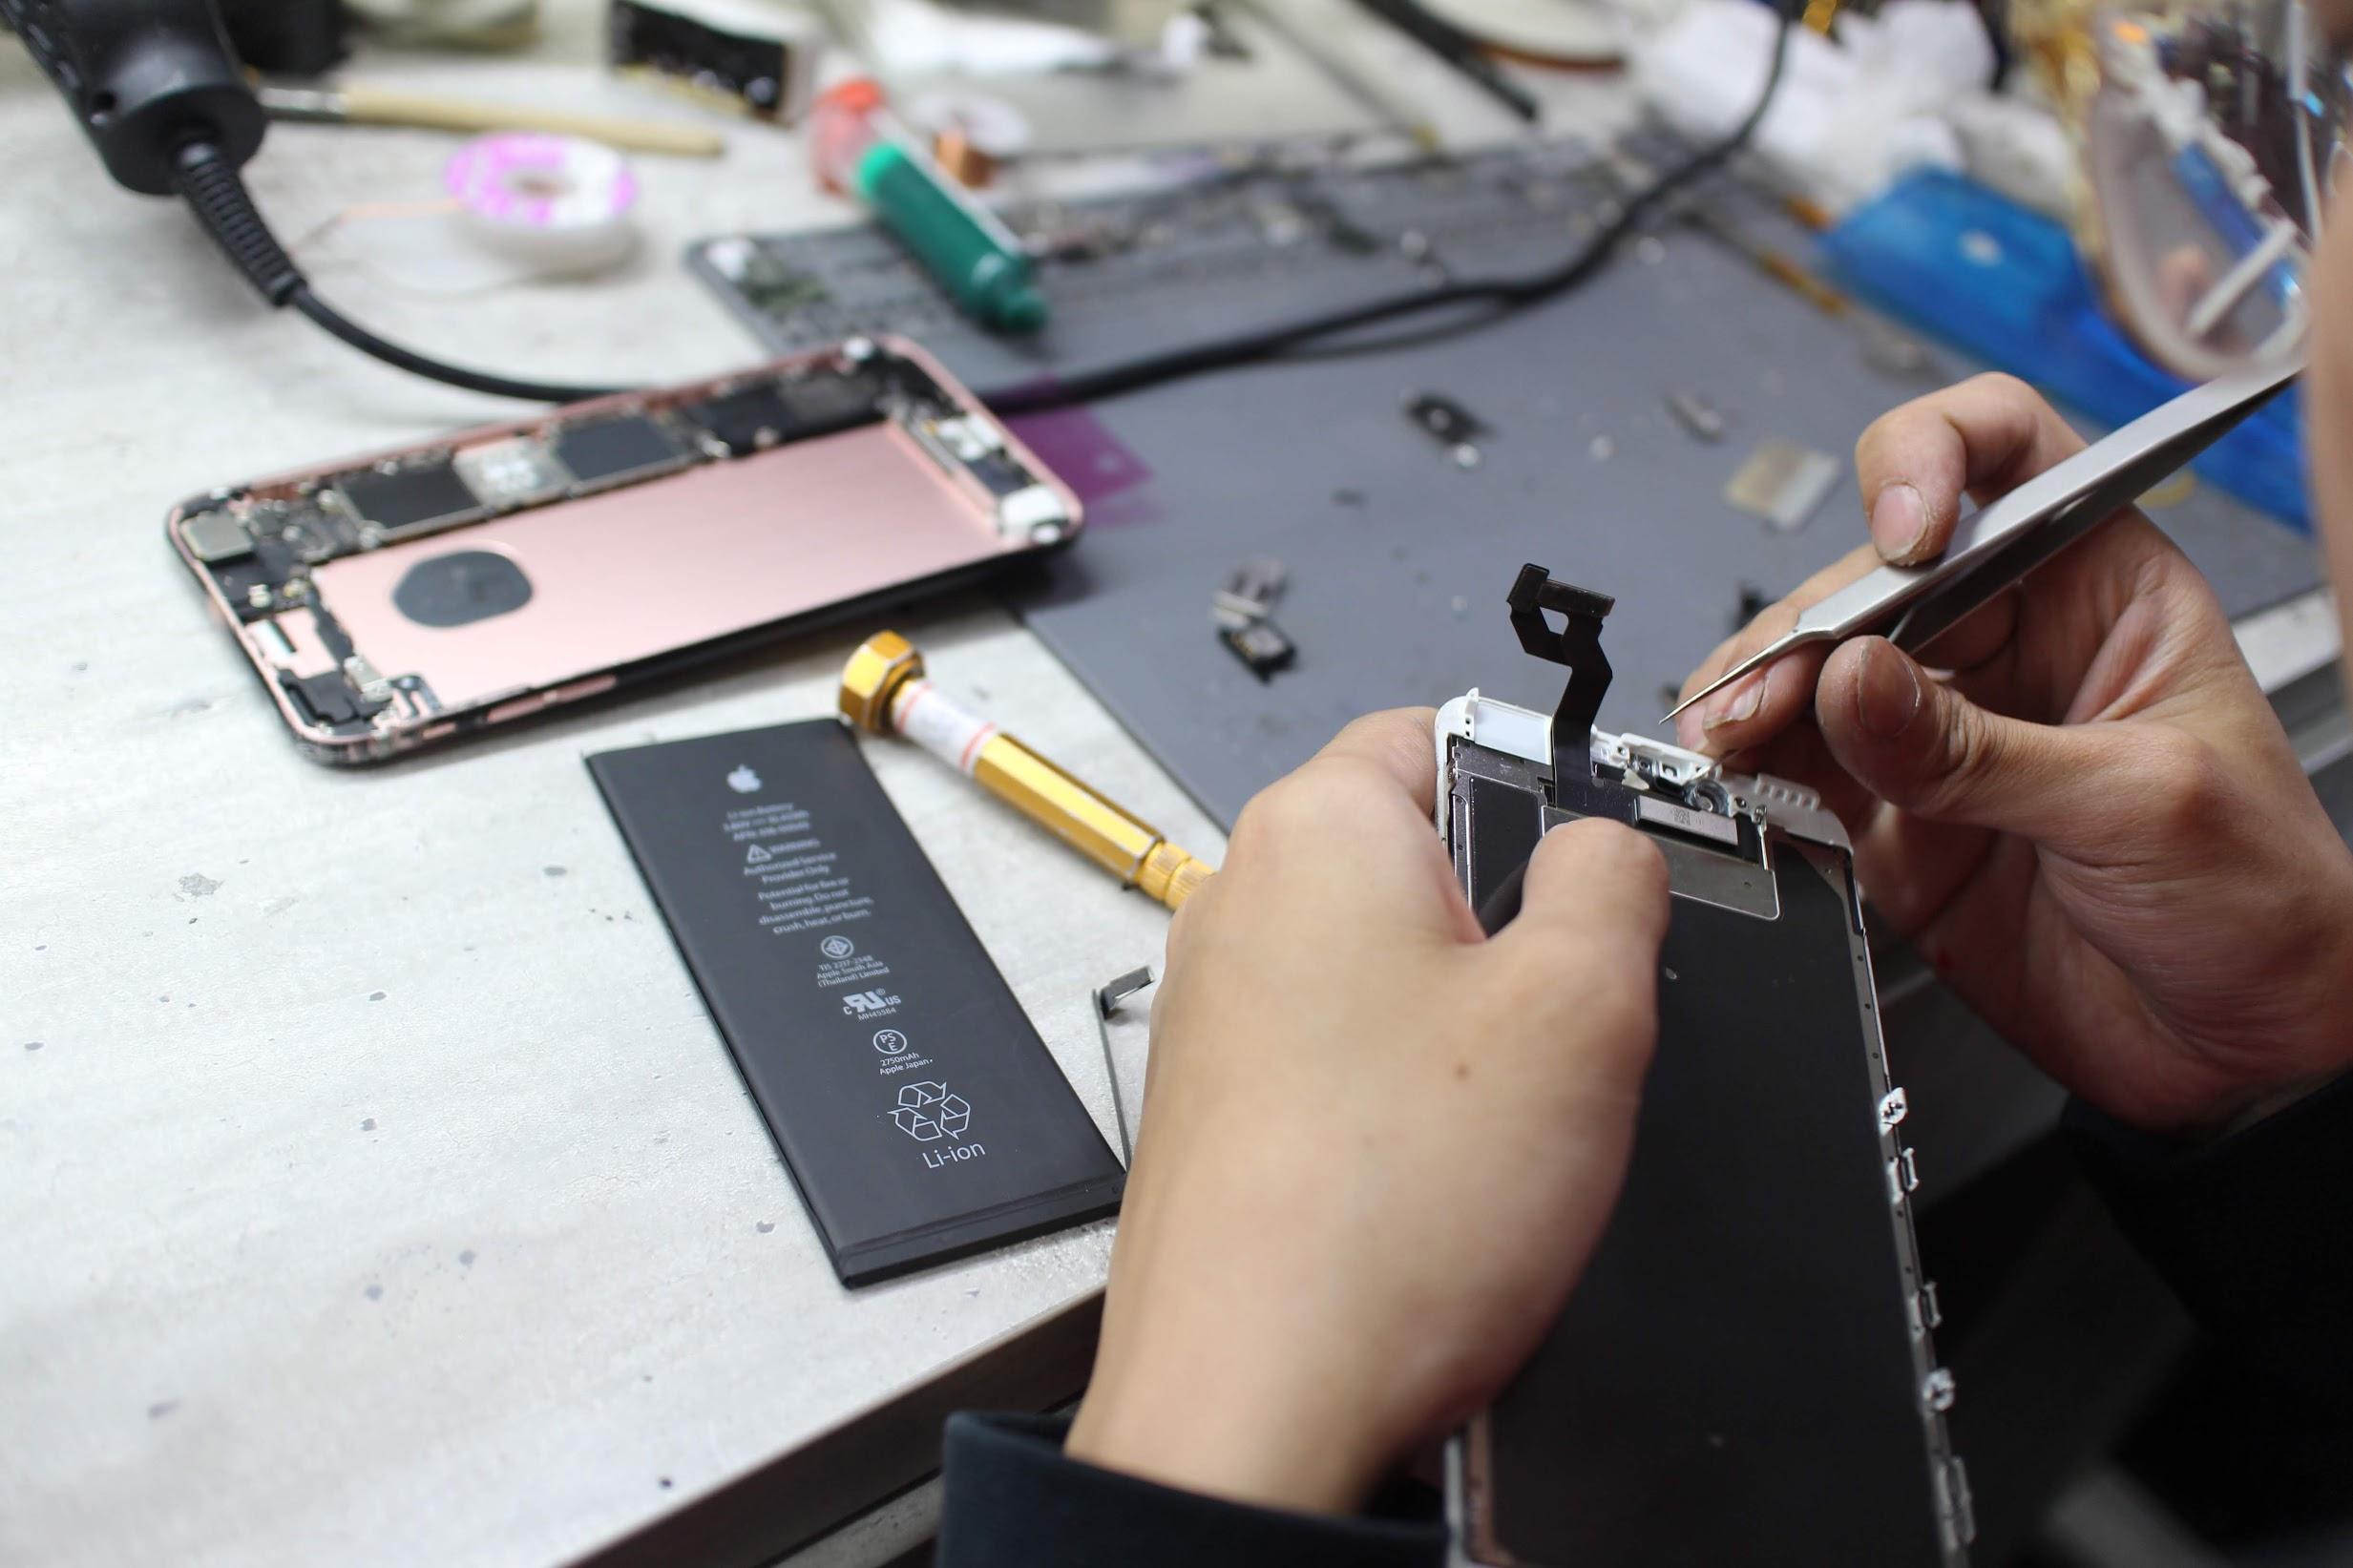 新竹iphone維修推薦【膜幻鎂機】現場手機修理、換電池、換螢幕 (平板電腦、手機快速維修) @秤瓶樂遊遊